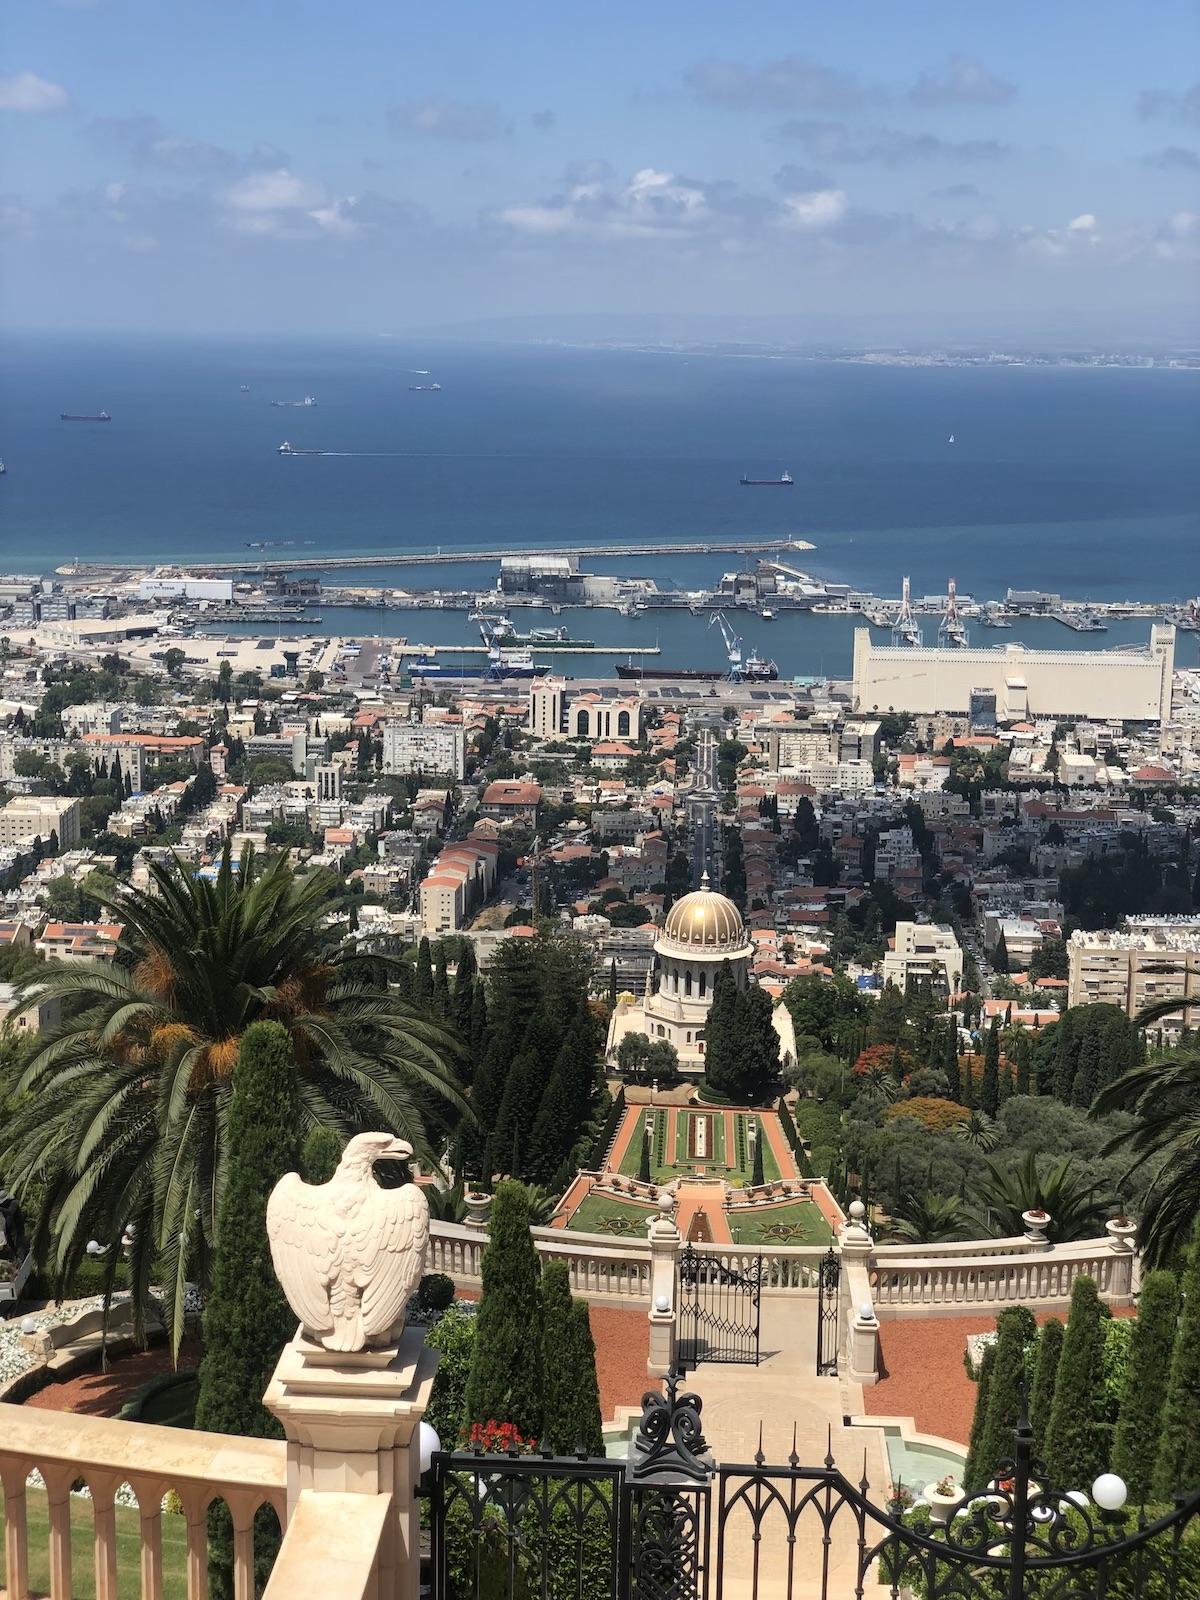 טיול רומנטי טיילת לואי יפה נוף חיפה שירי ויצנר בלוג חיפאית 2